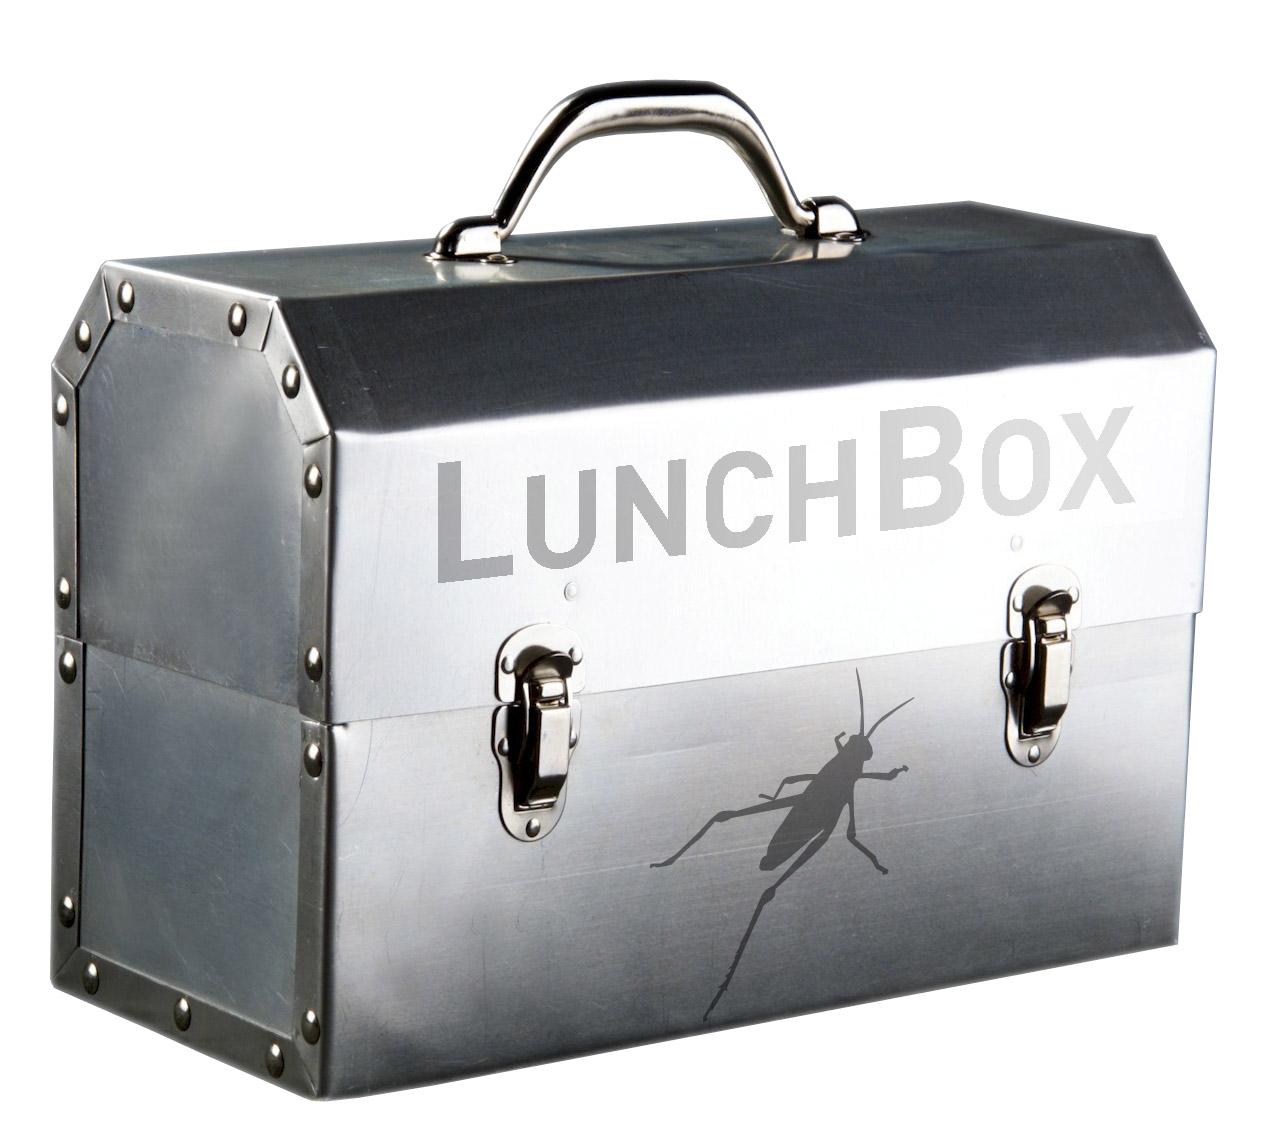 LunchBox | Food4Rhino